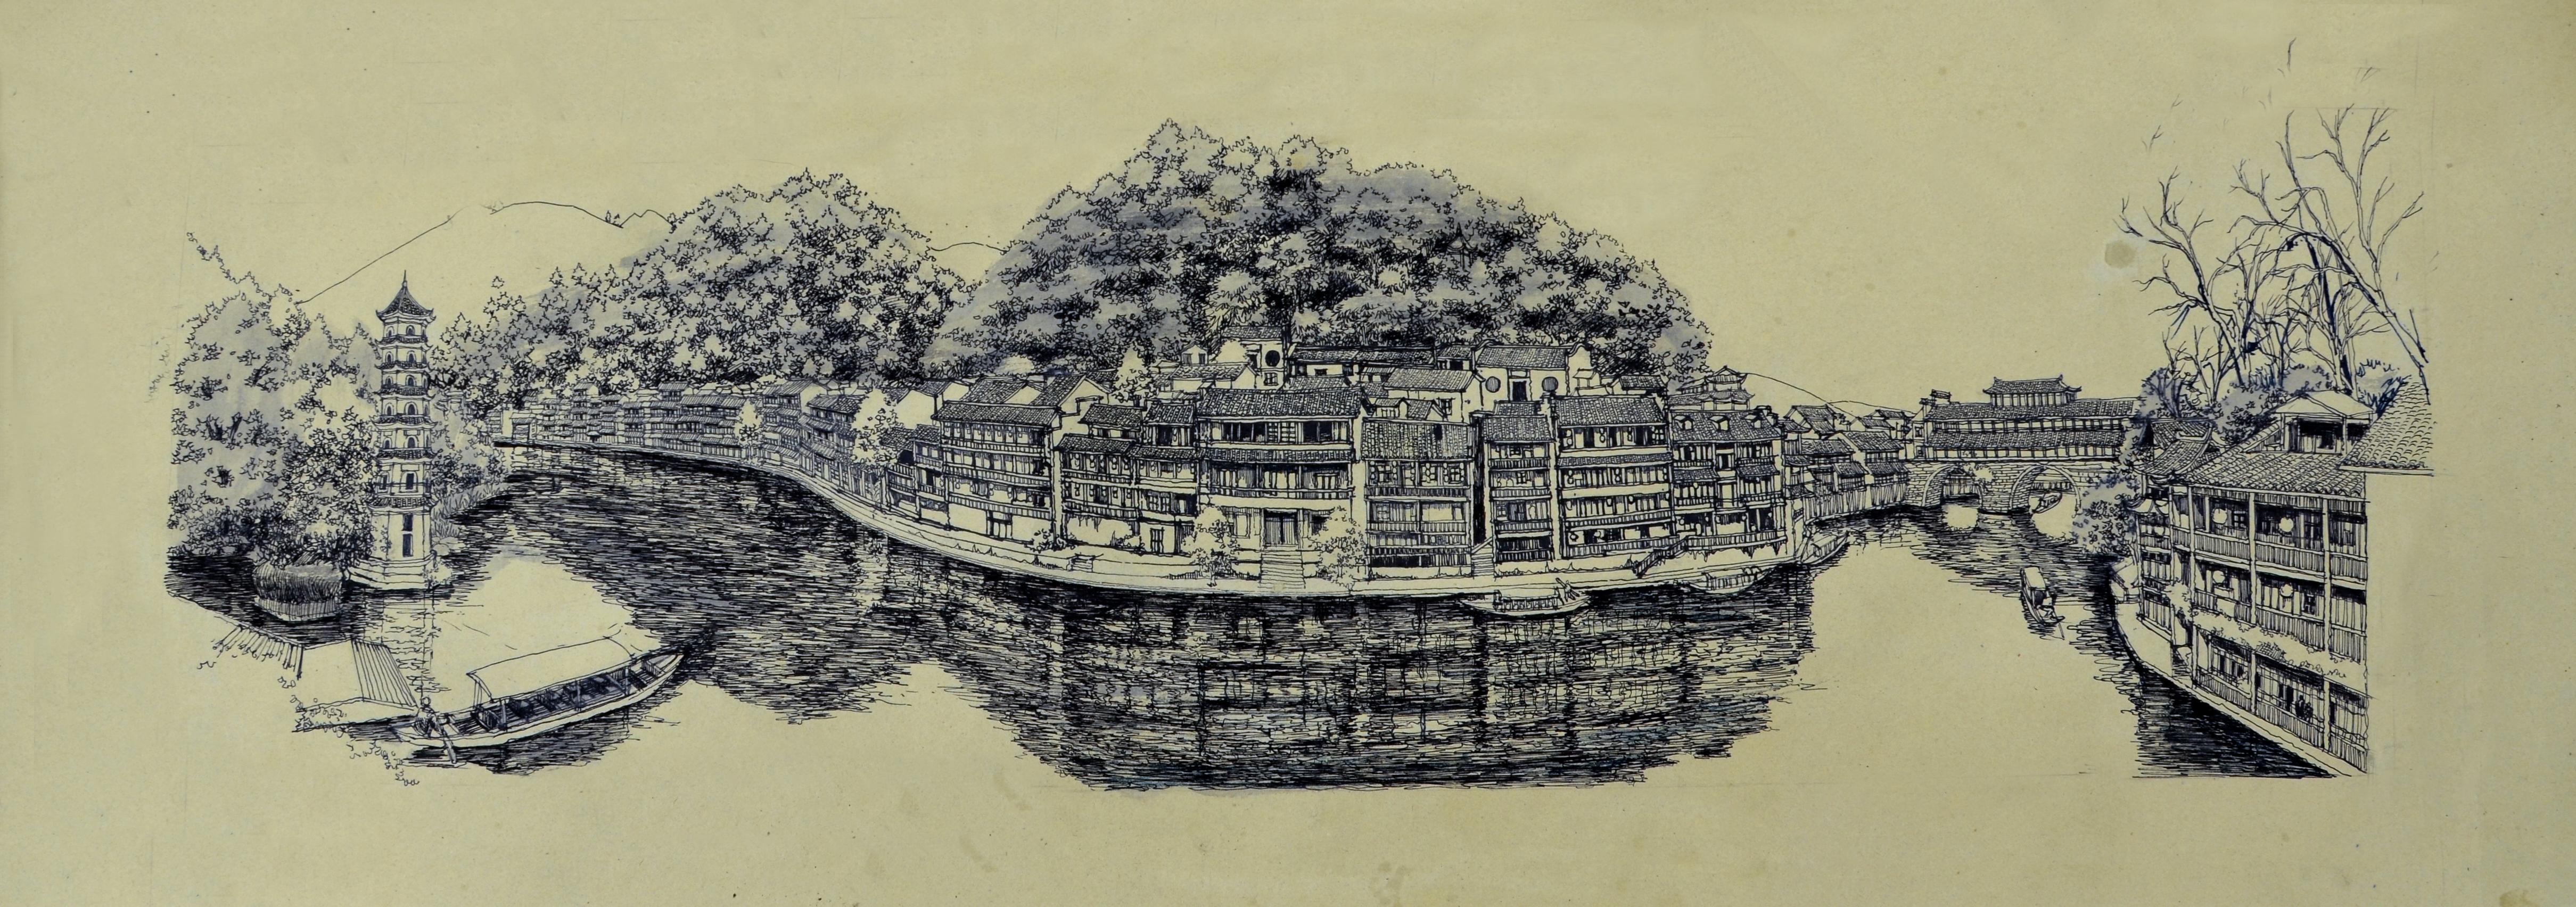 李万海原创钢笔手绘《手绘凤凰古城全景》